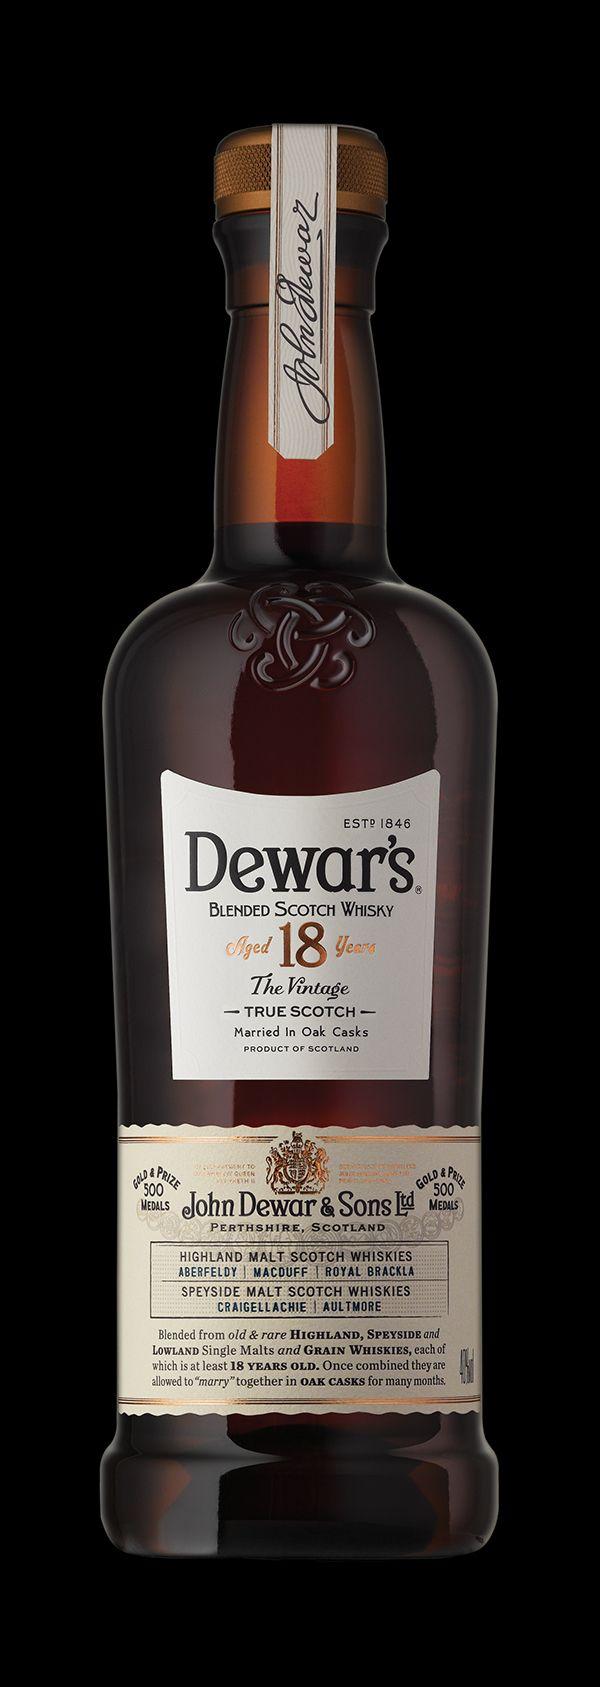 Dewar's Blended Scotch Whisky on Behance